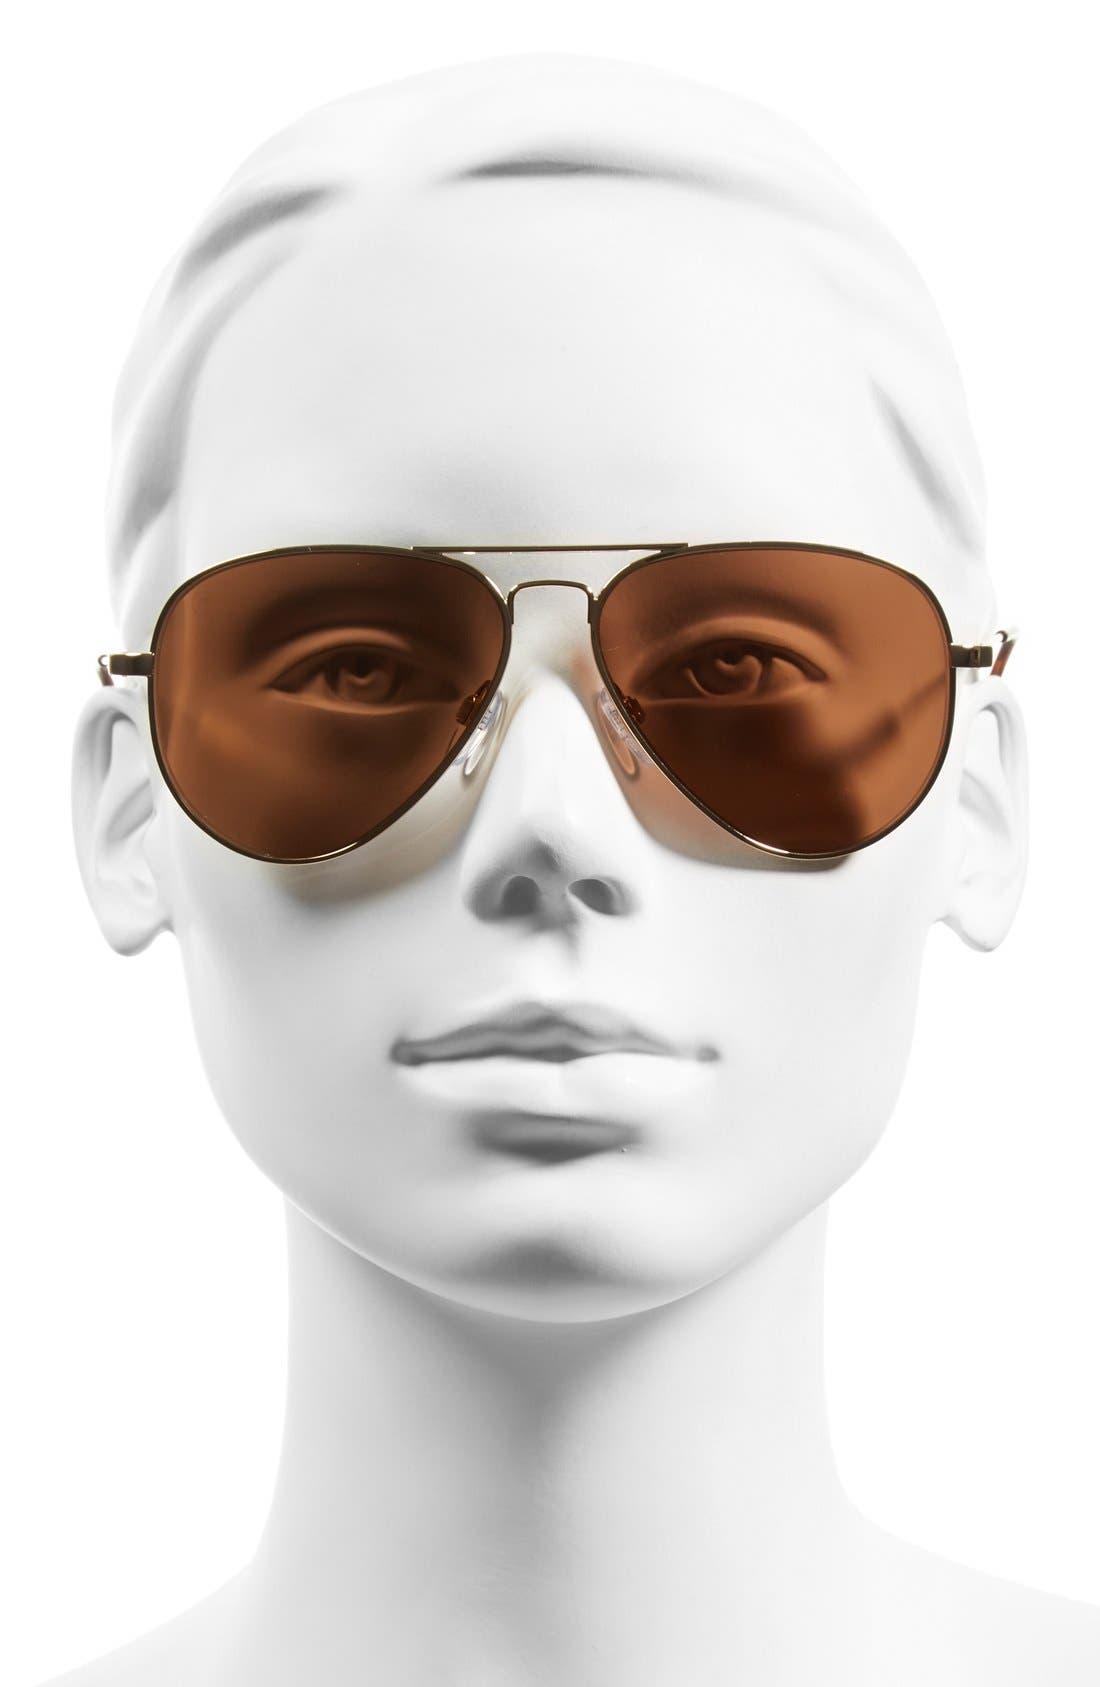 'AV1' 58mm Aviator Sunglasses,                             Alternate thumbnail 2, color,                             GOLD/ BRONZE